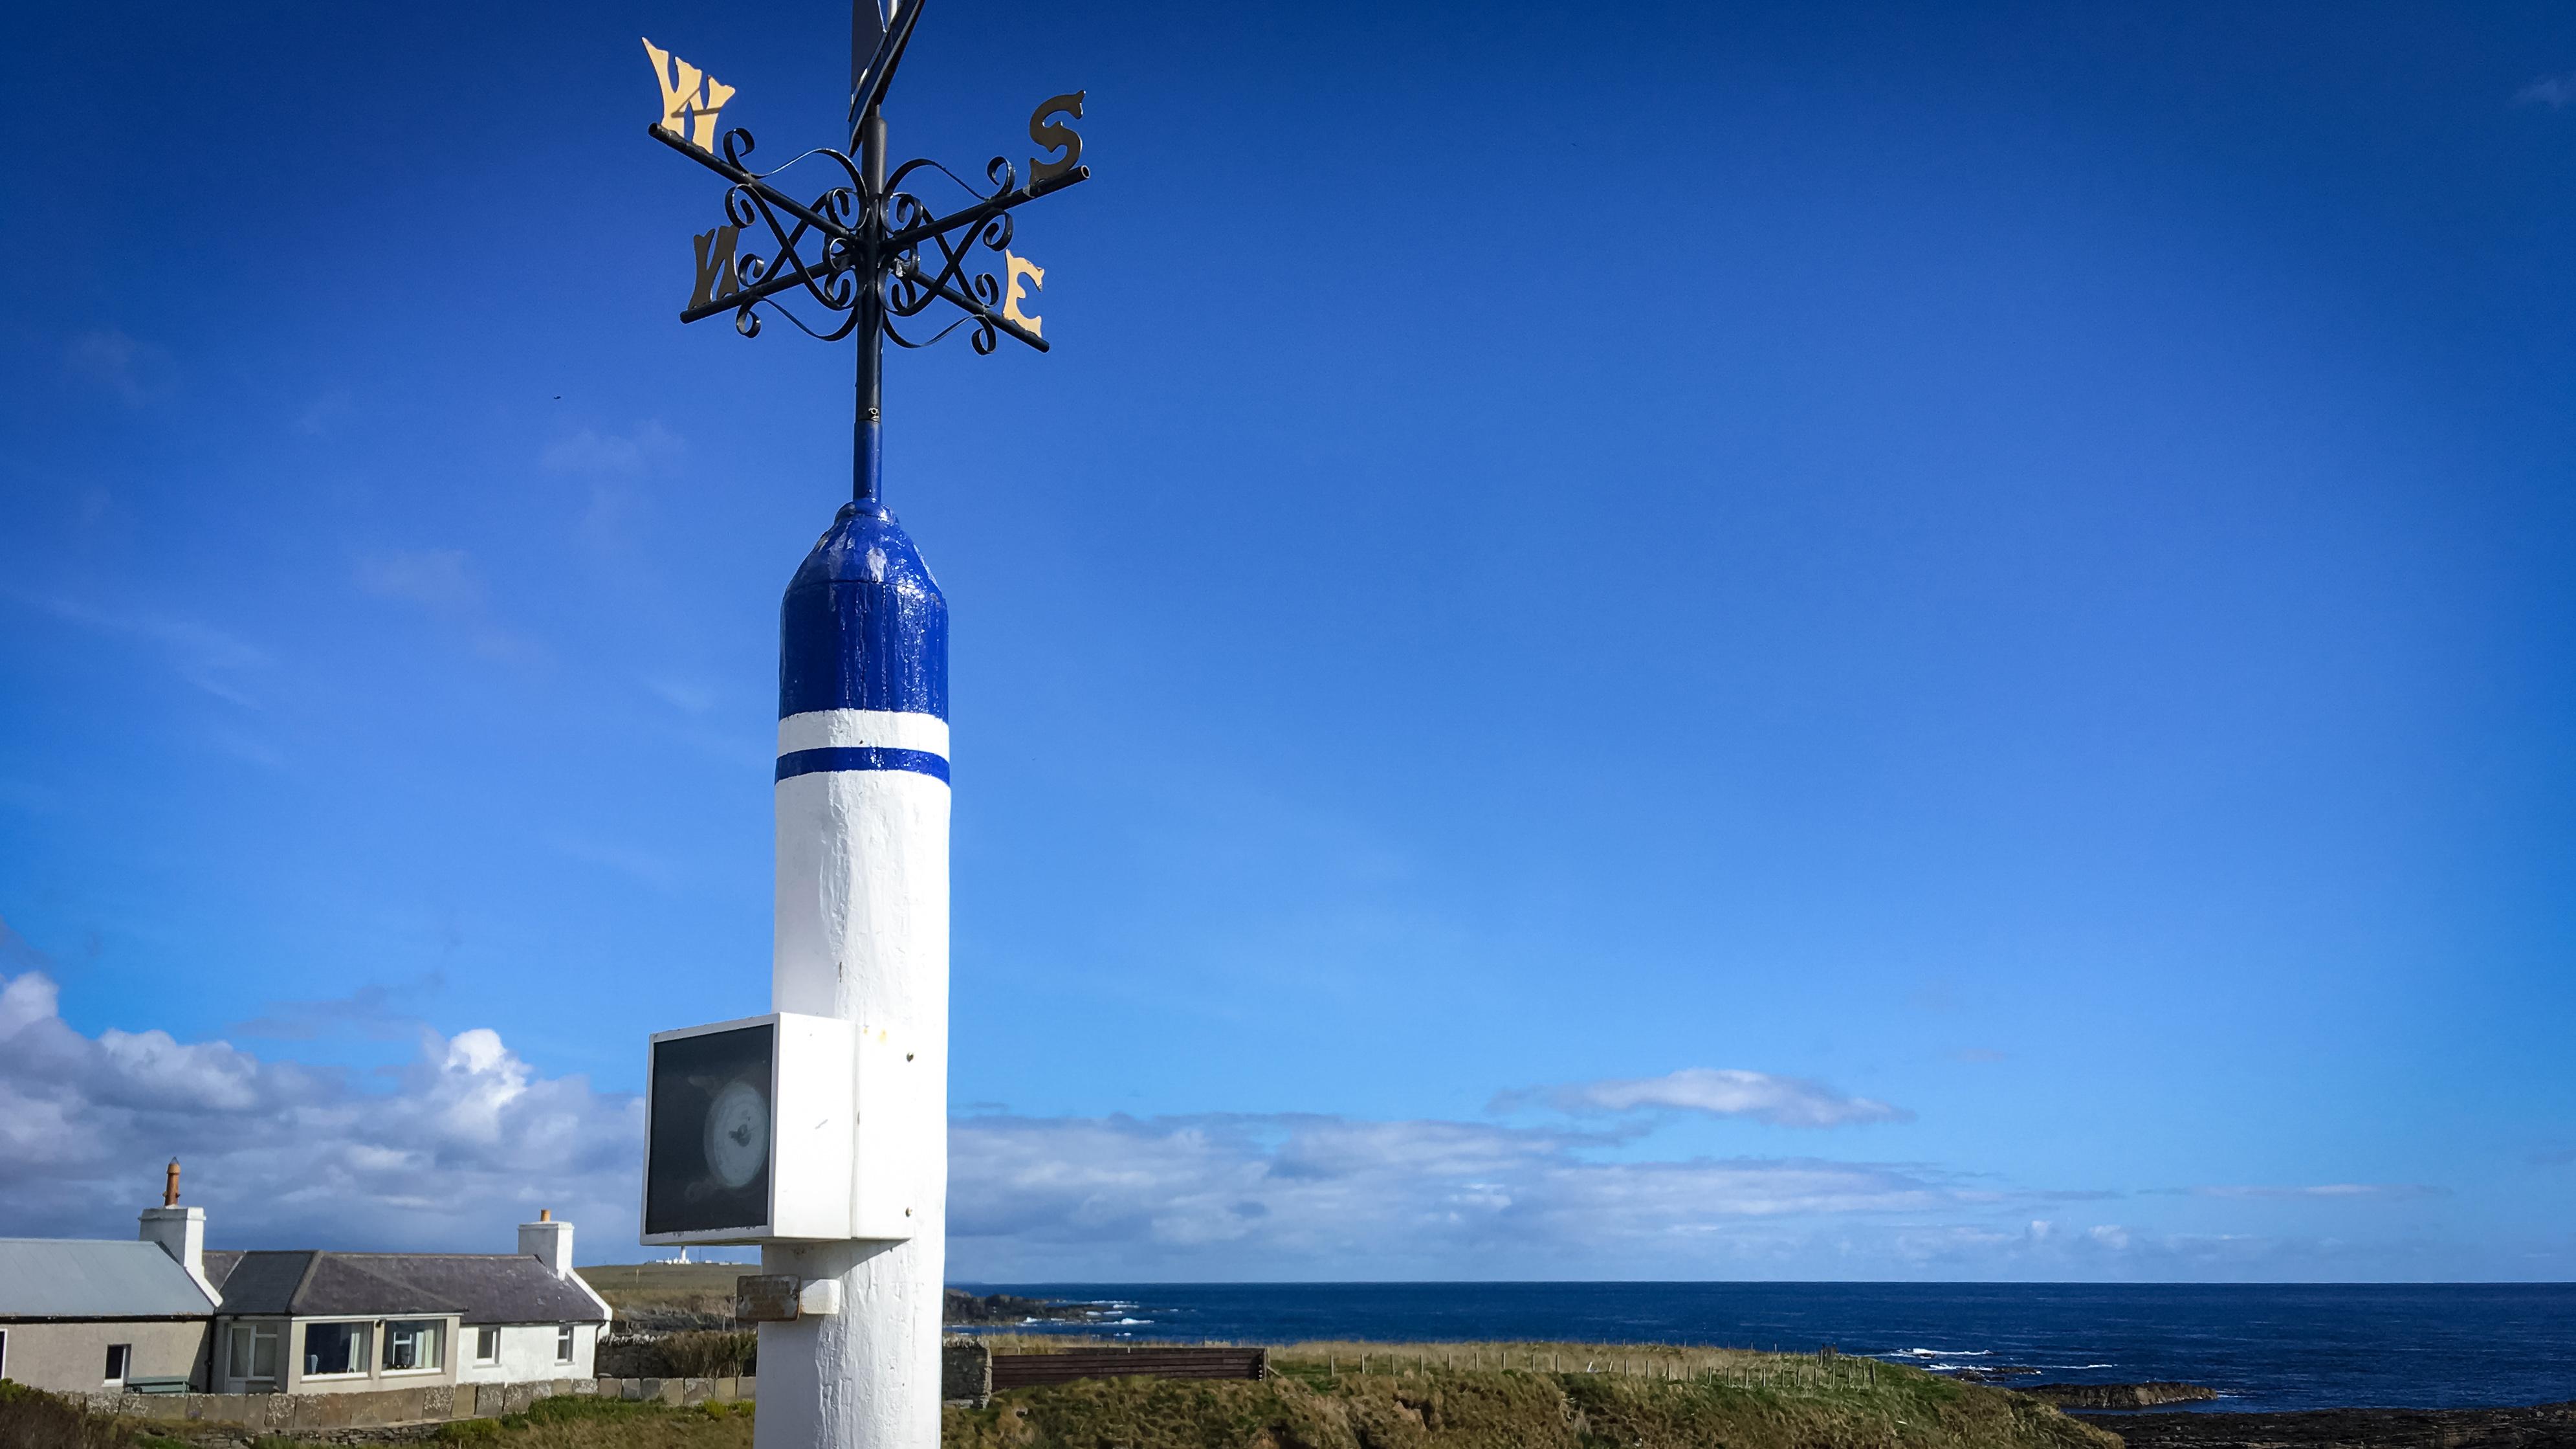 Messerät für die Windrichtung in Blau und Weiß am Meer